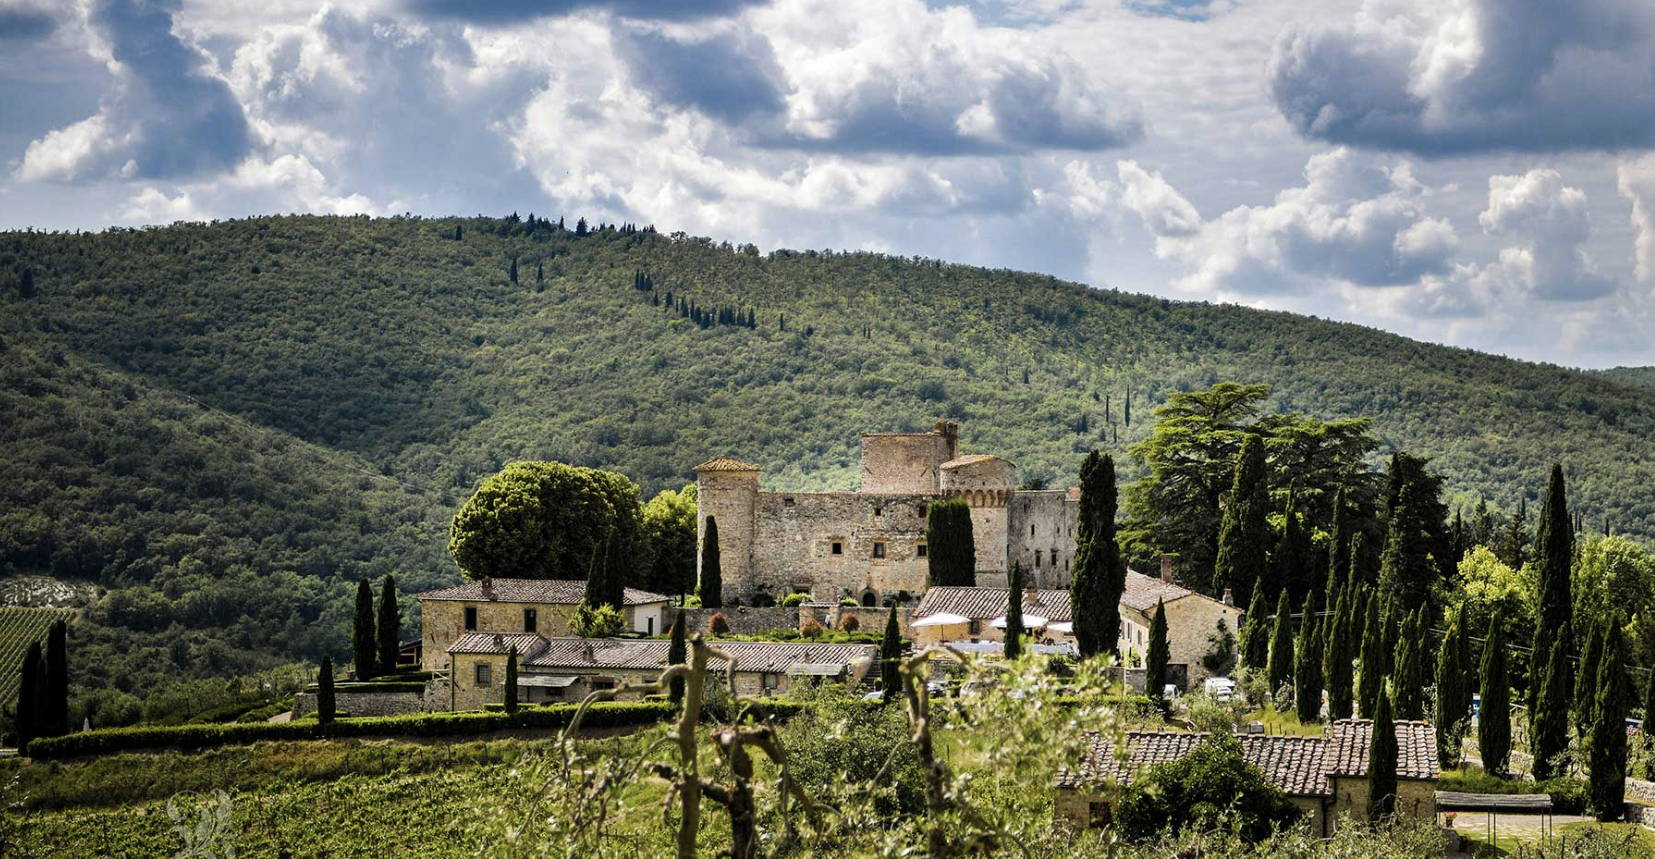 Castello di Meleto wedding Camilla gabrieli